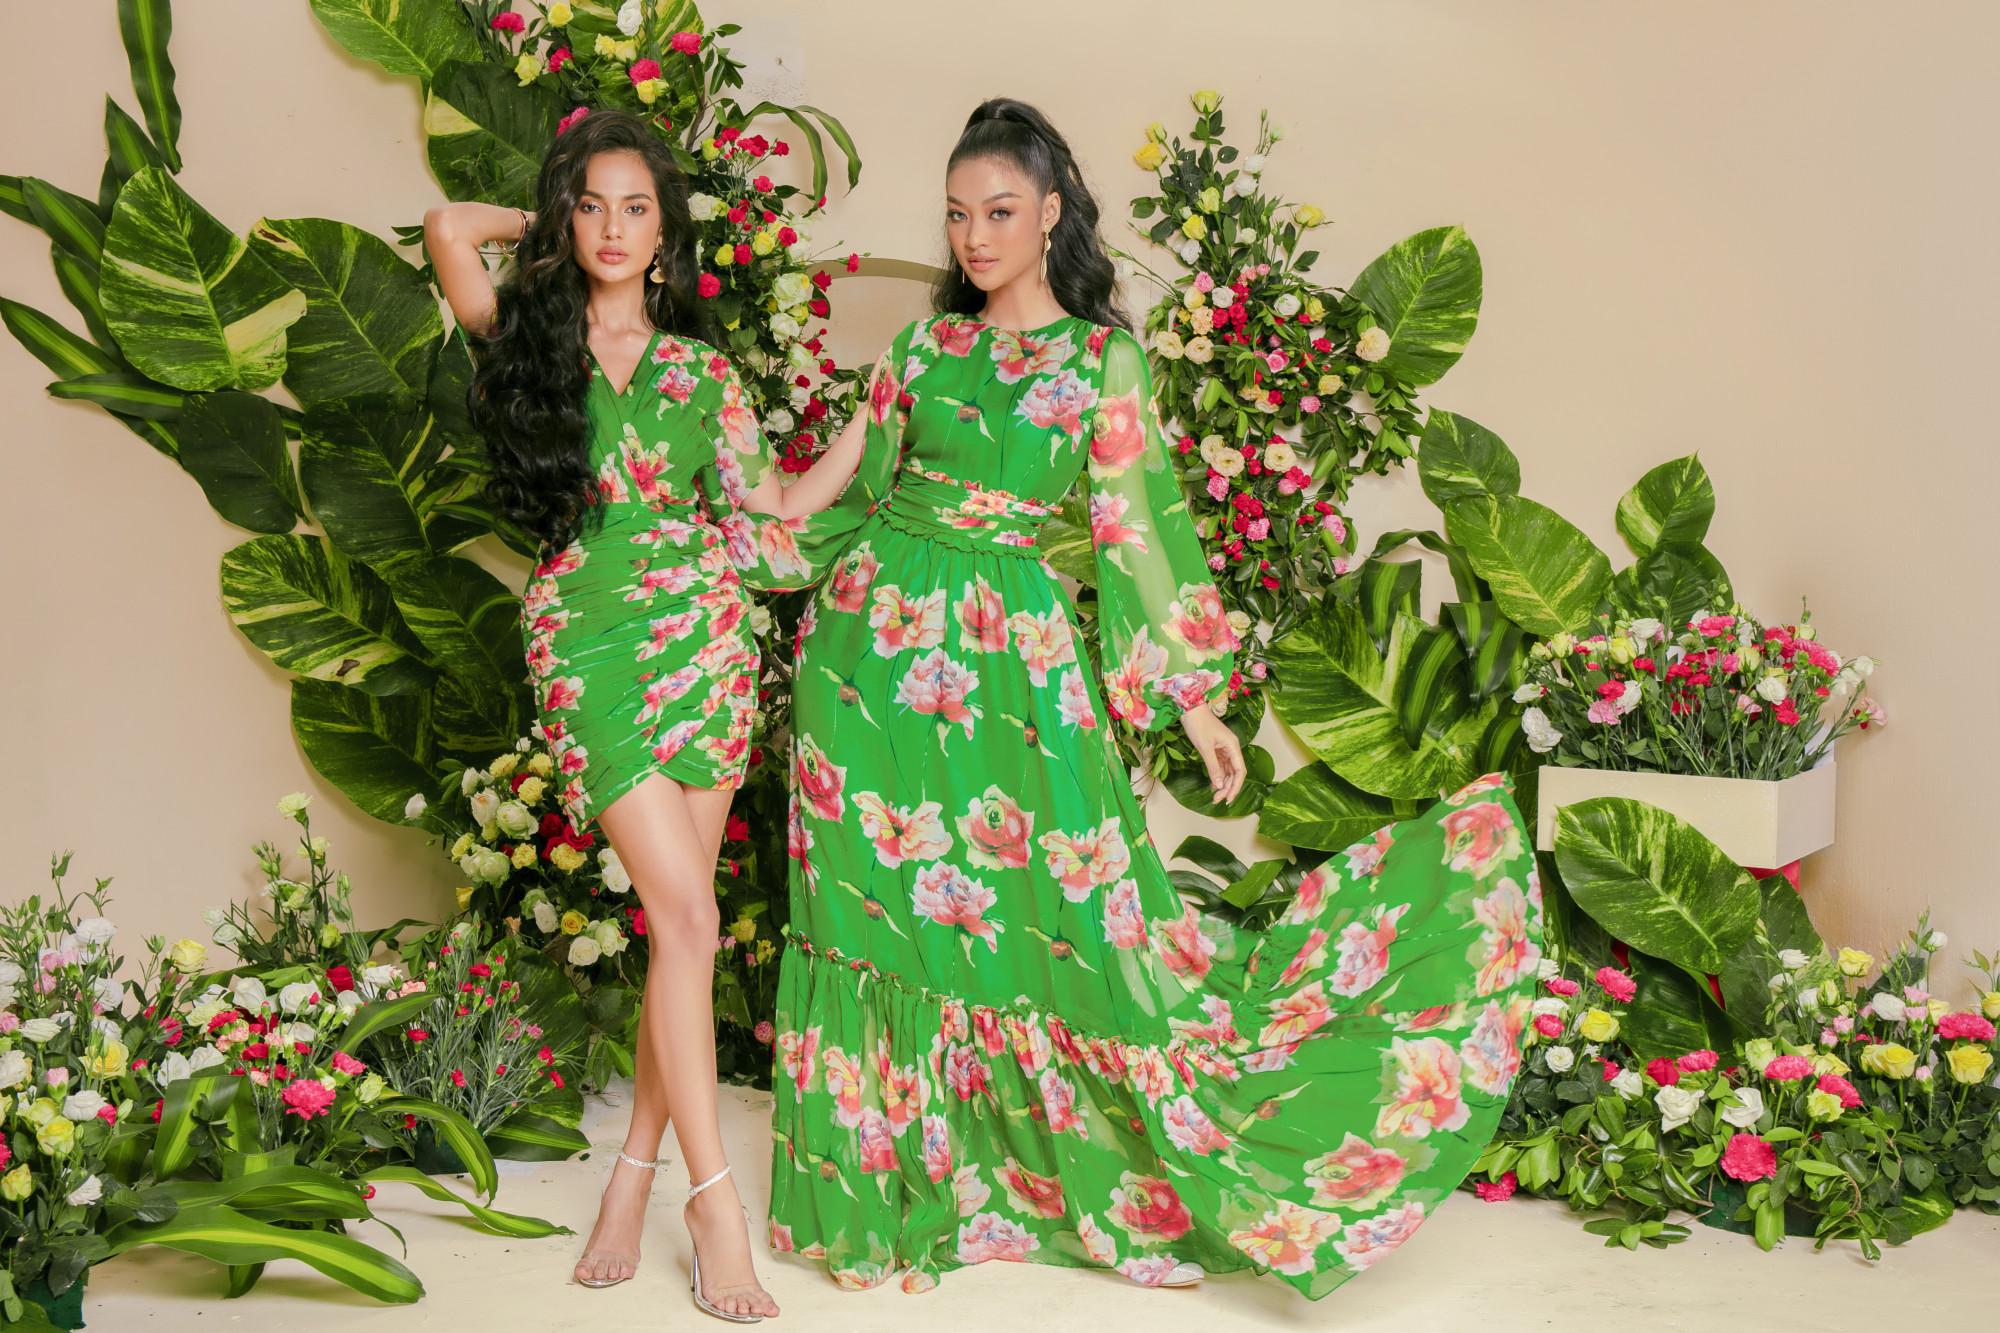 Nếu chuộng vẻ ngoài ngọt ngào hơn, bạn có thể chọn dáng váy ôm với những đường gấp nếp không đối xứng hoặc thiết kế